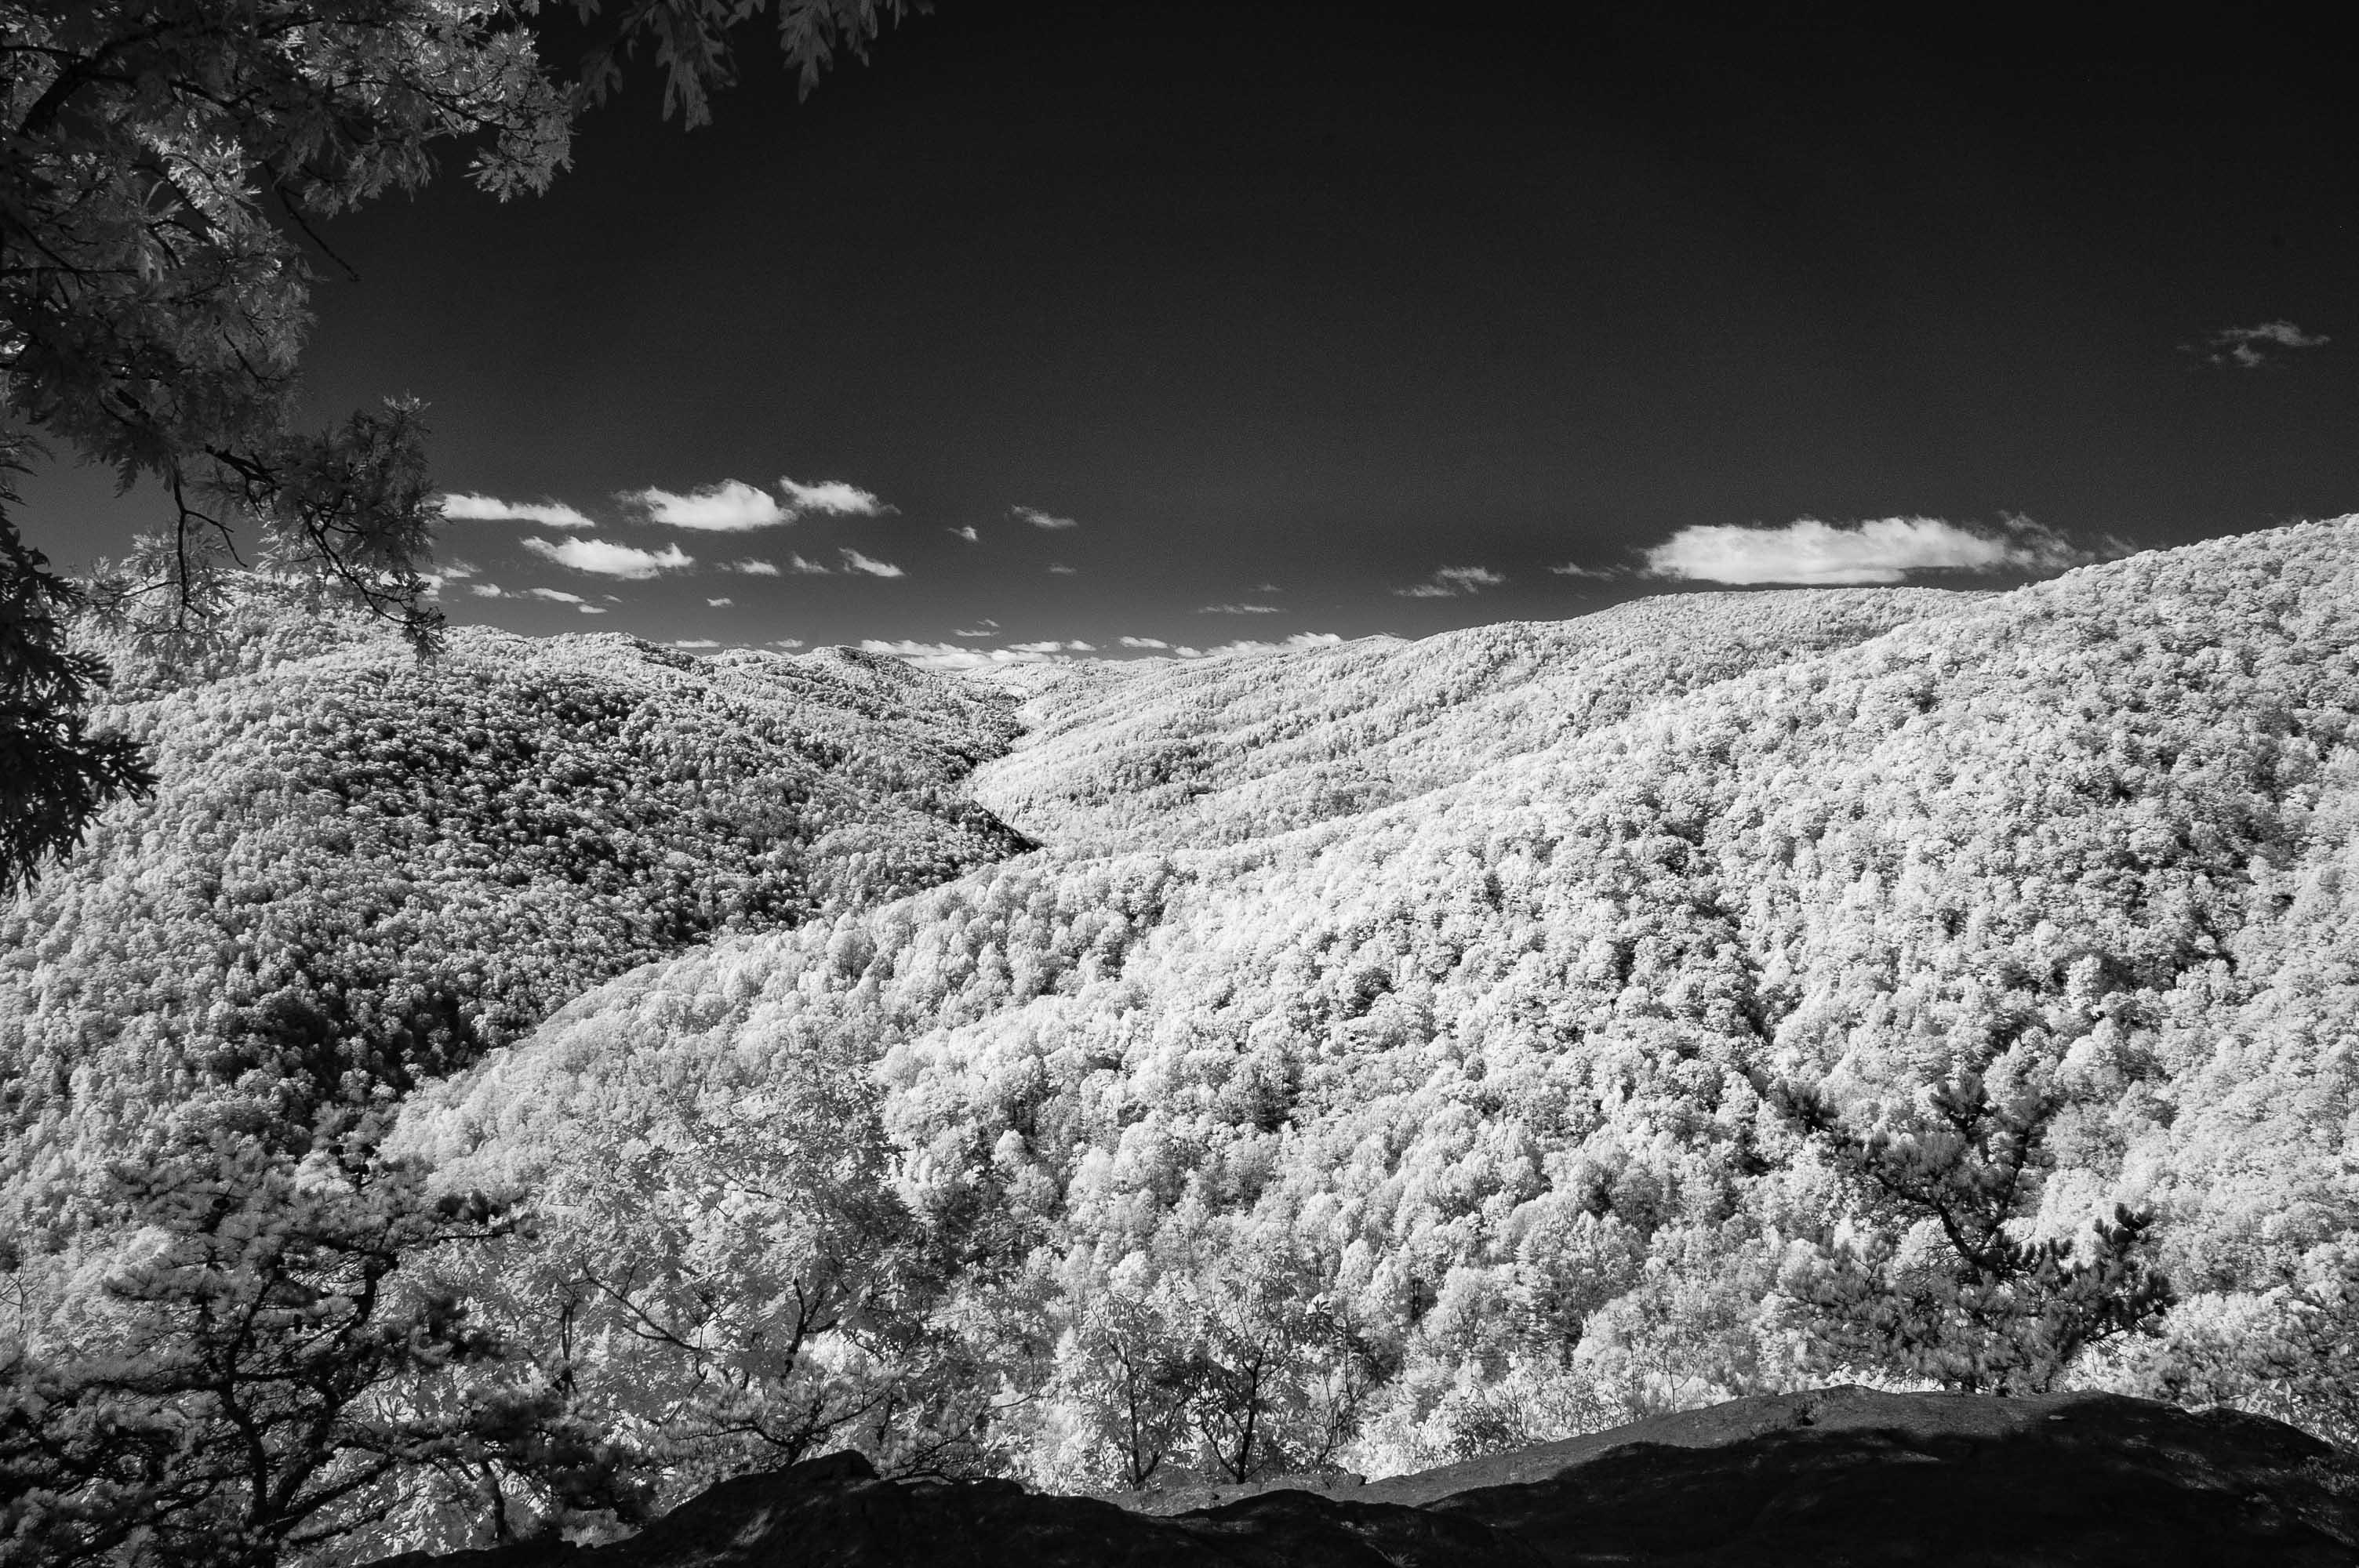 Binhammerphotographs Infrared Blue Ridge mountains